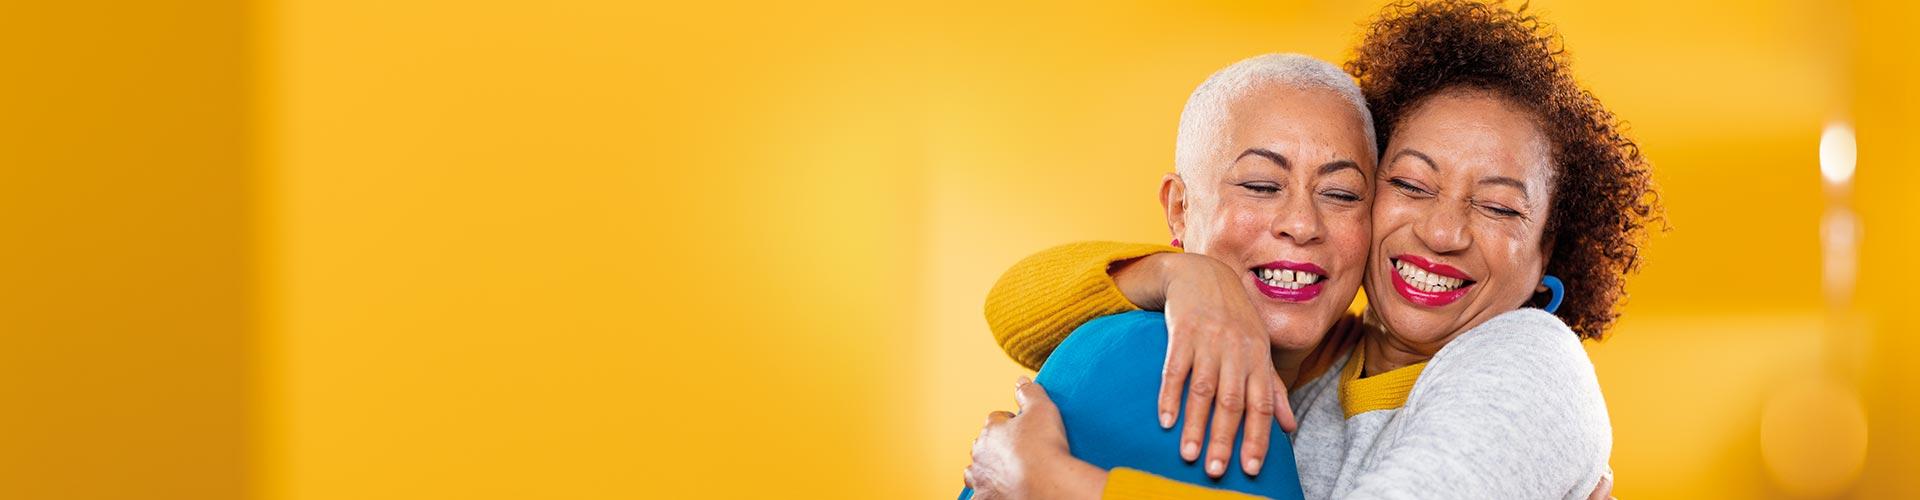 중년 여성 두 명이 서로 포옹합니다. 한 명은 Philips HearLink 귀걸이형 보청기를 끼고 있습니다.